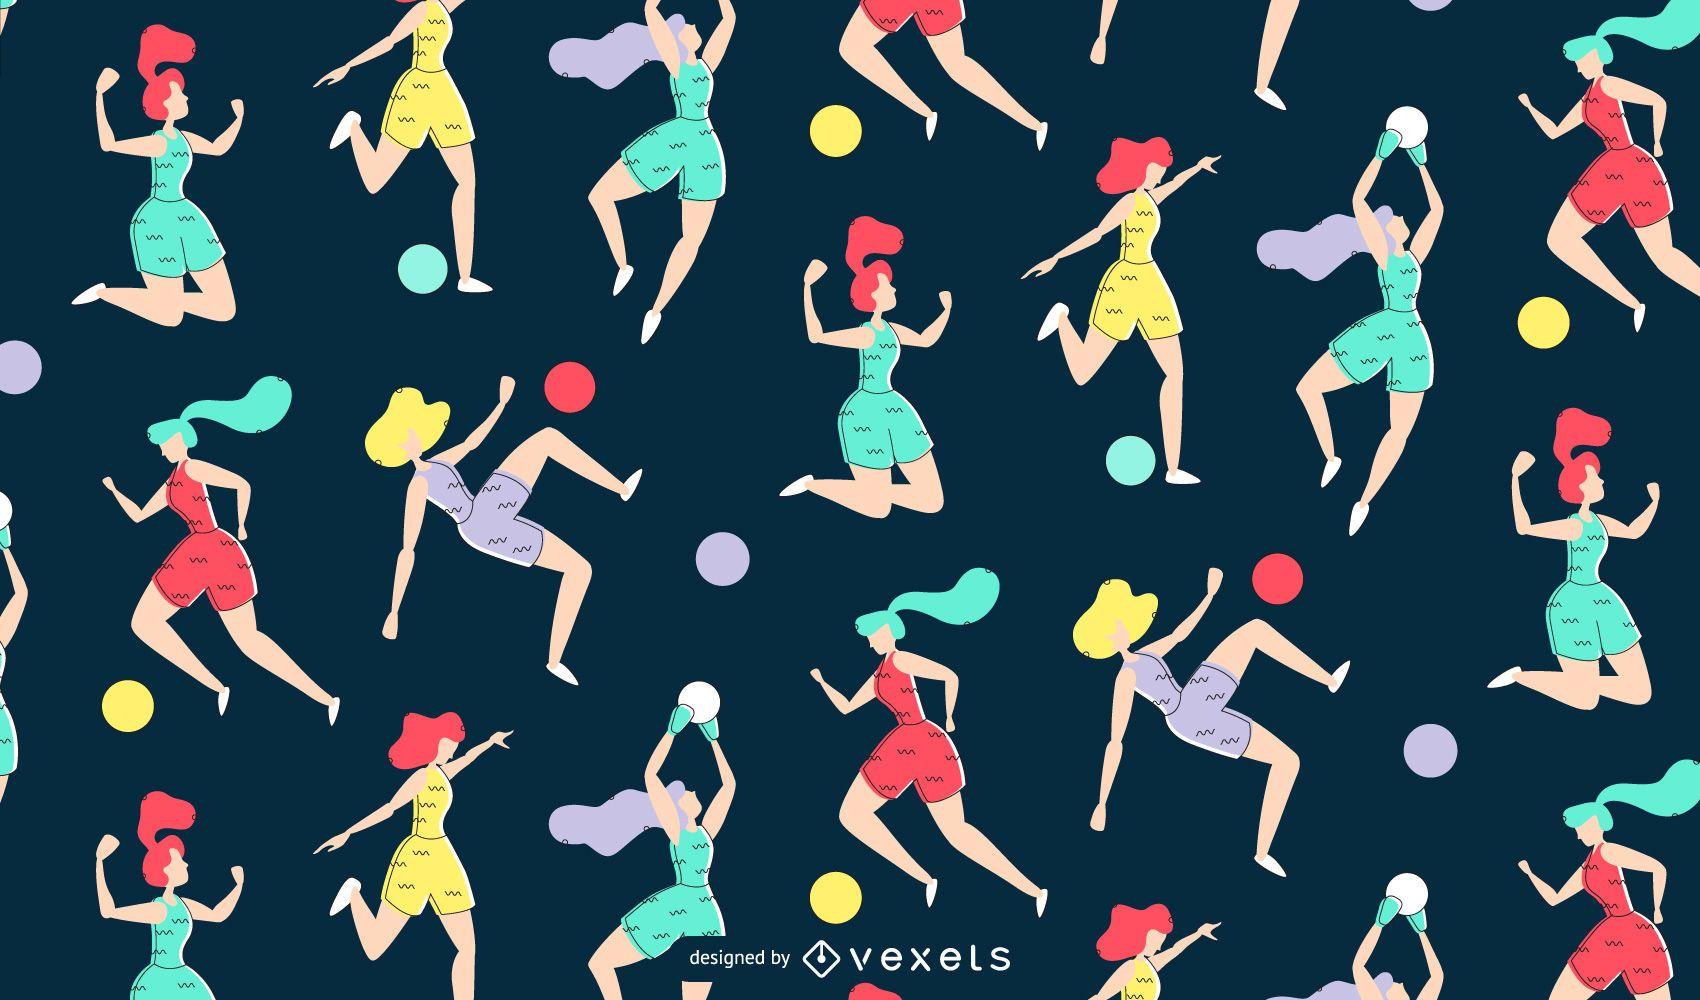 Women's Soccer Pattern